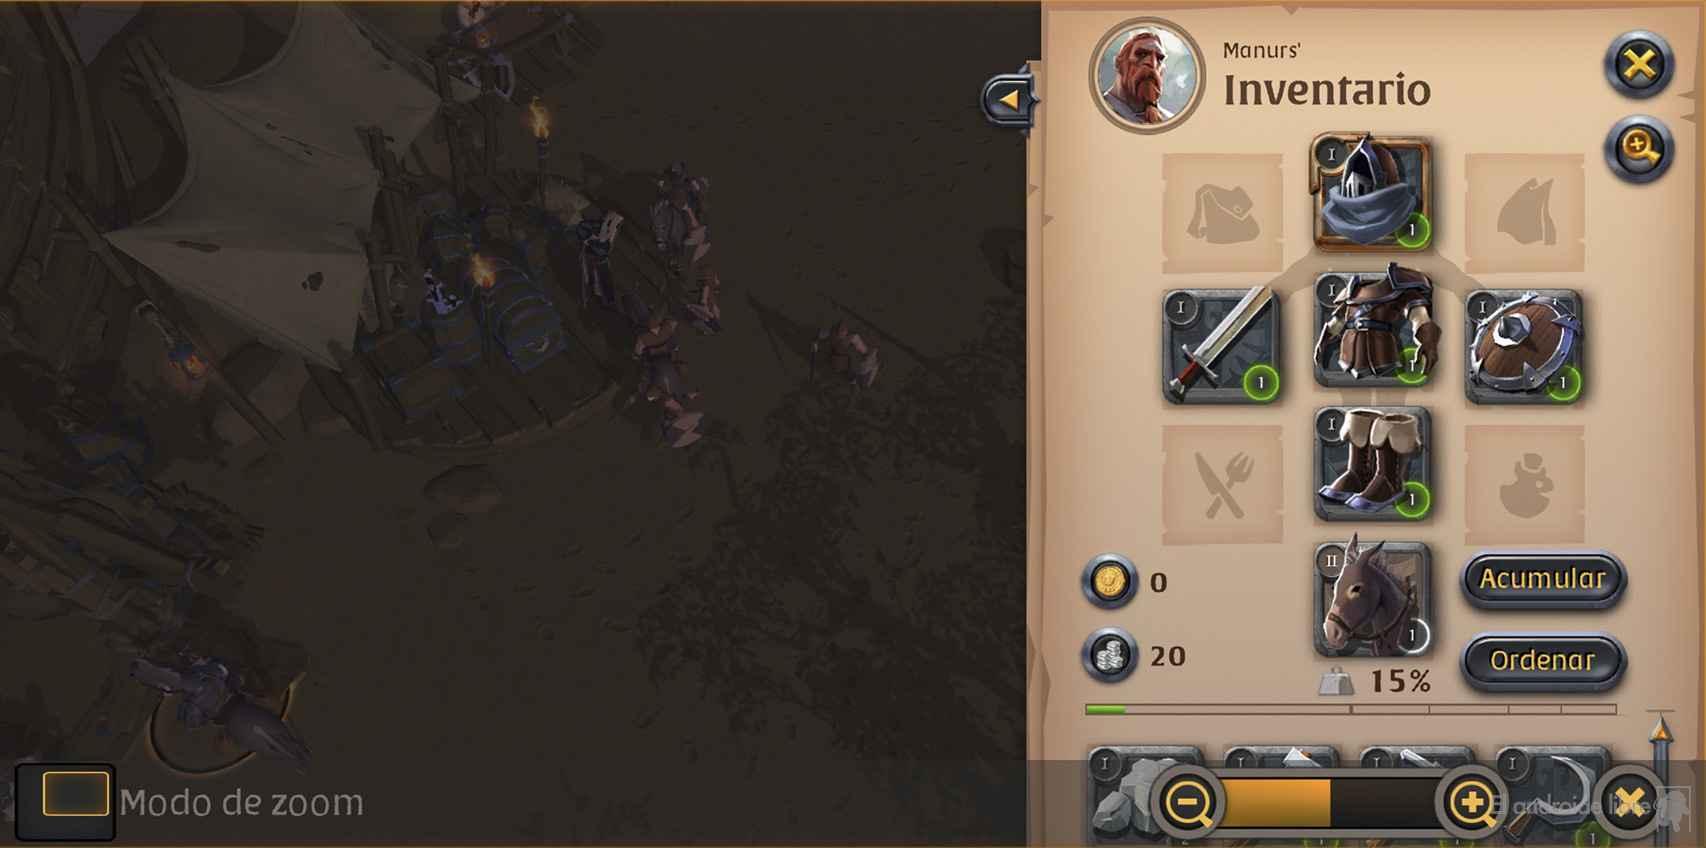 El inventario de personaje en Albion Online